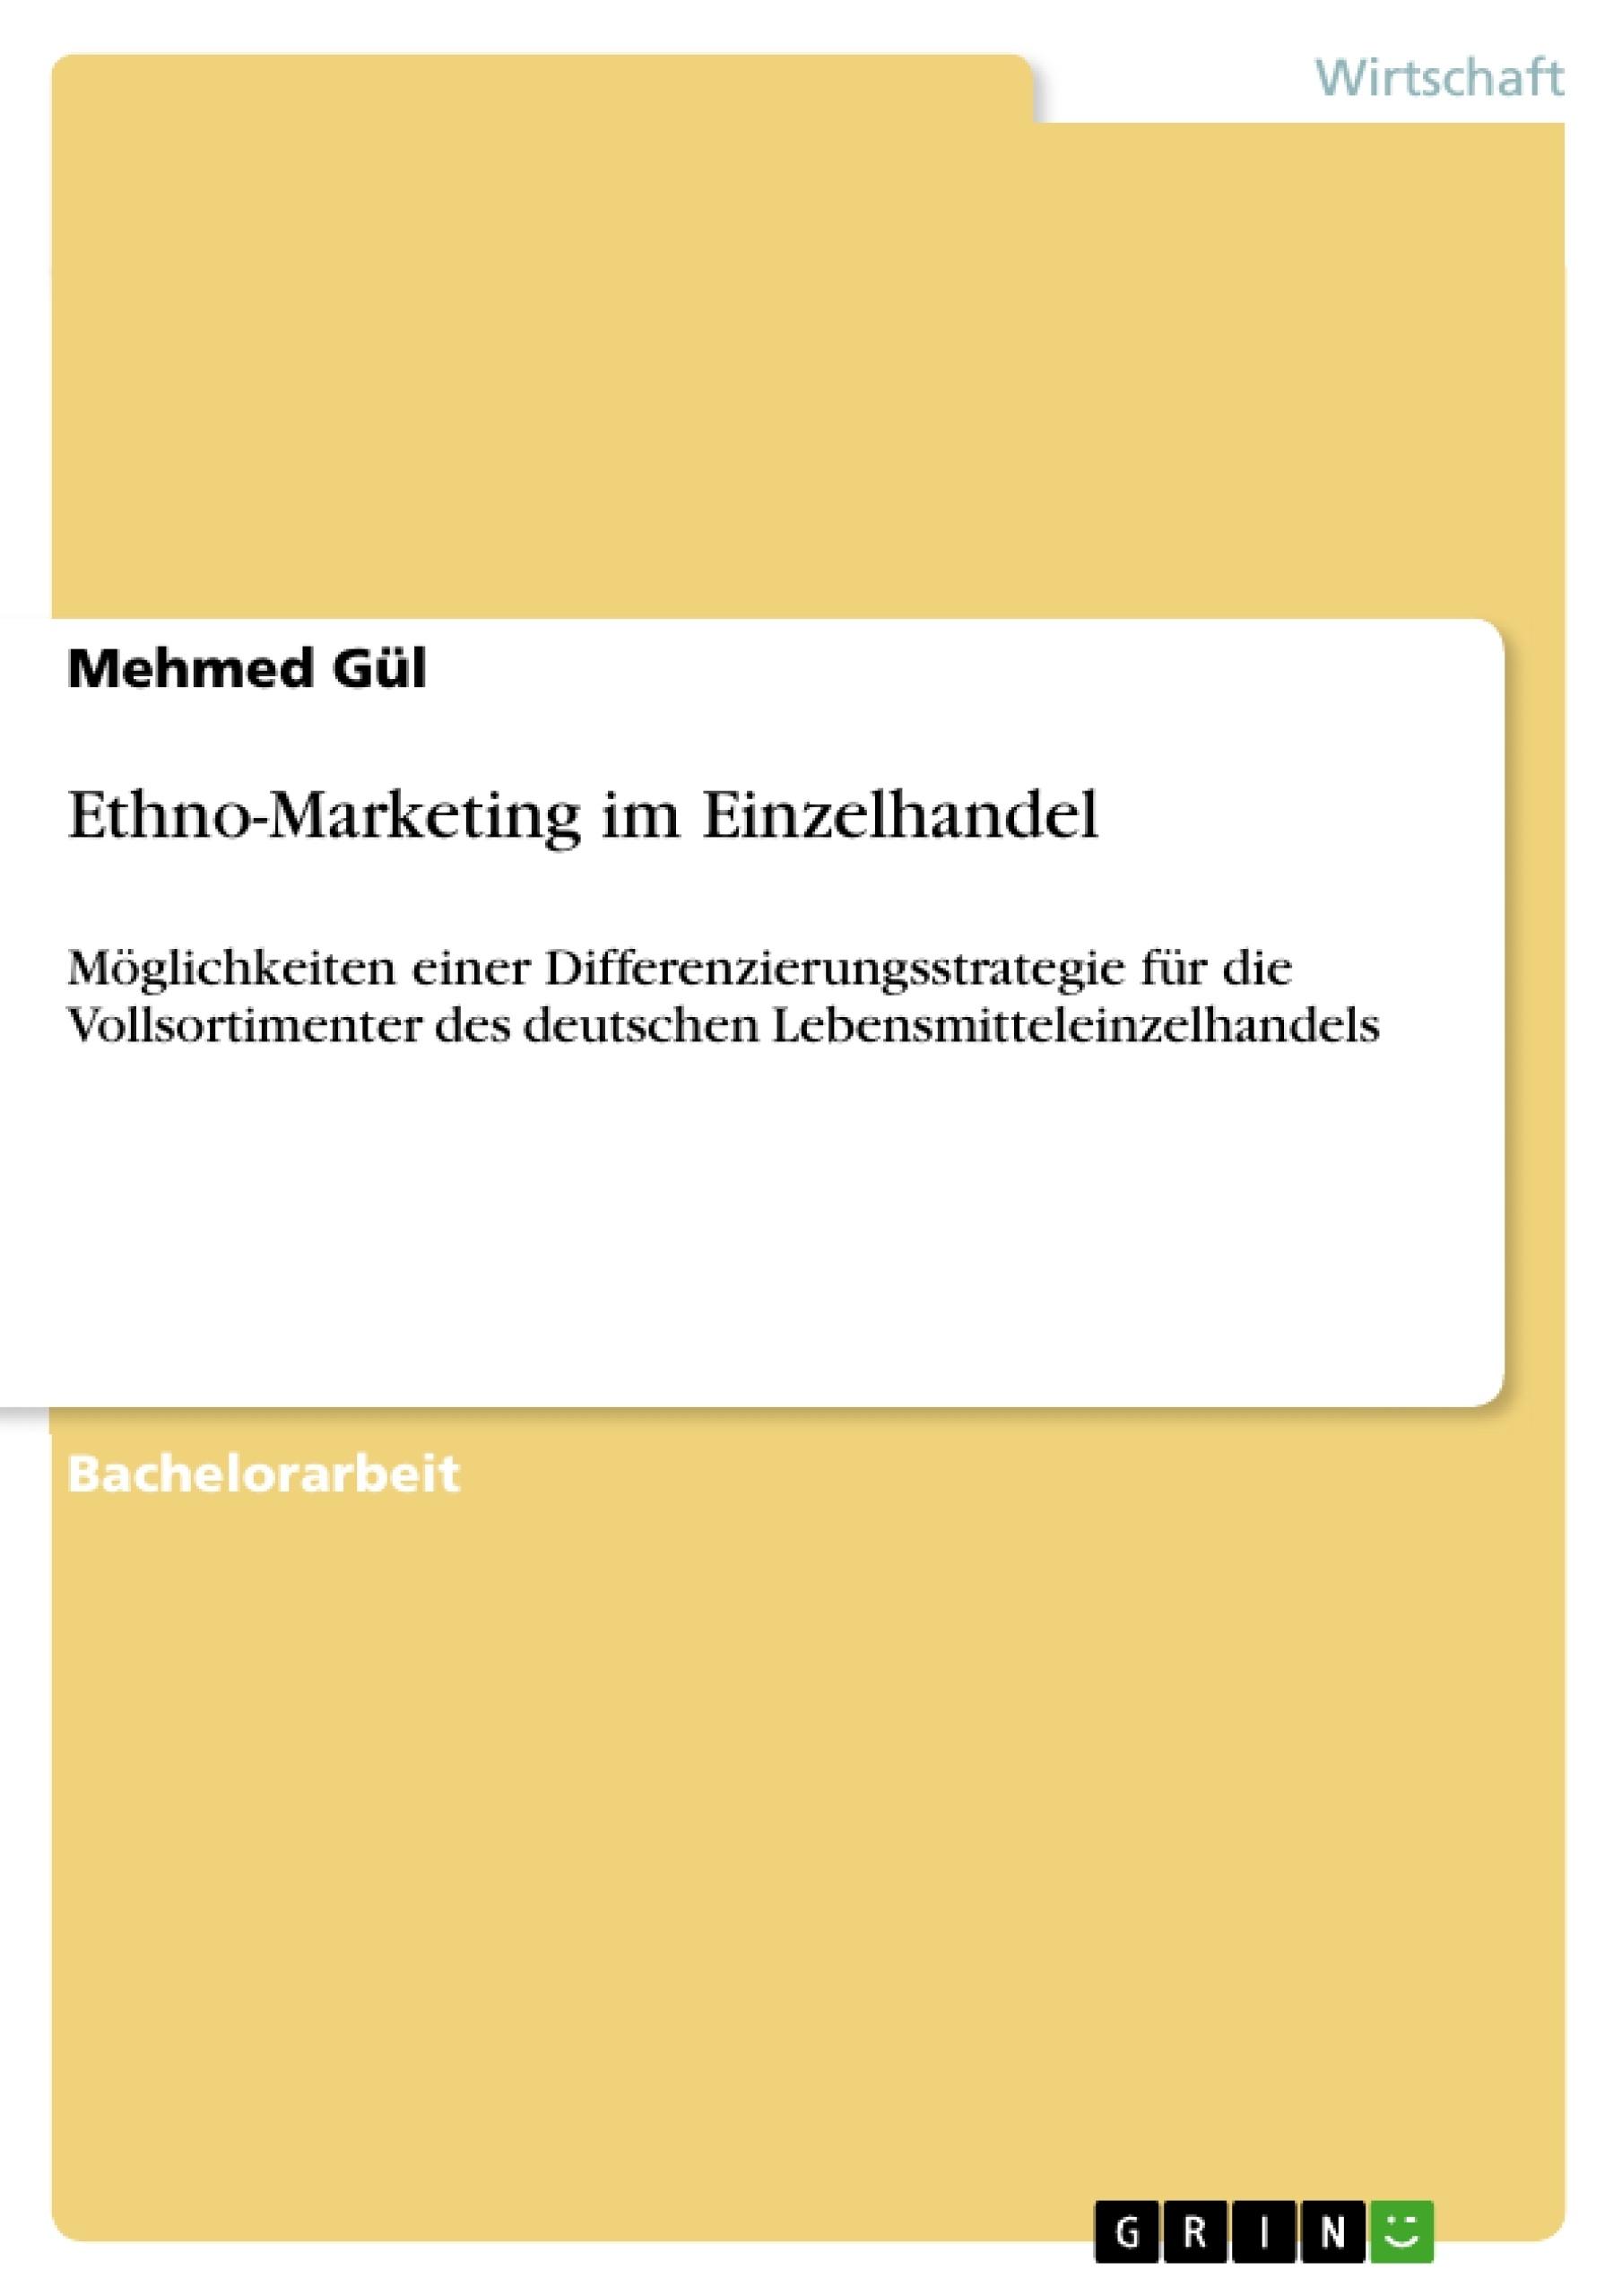 Titel: Ethno-Marketing im Einzelhandel